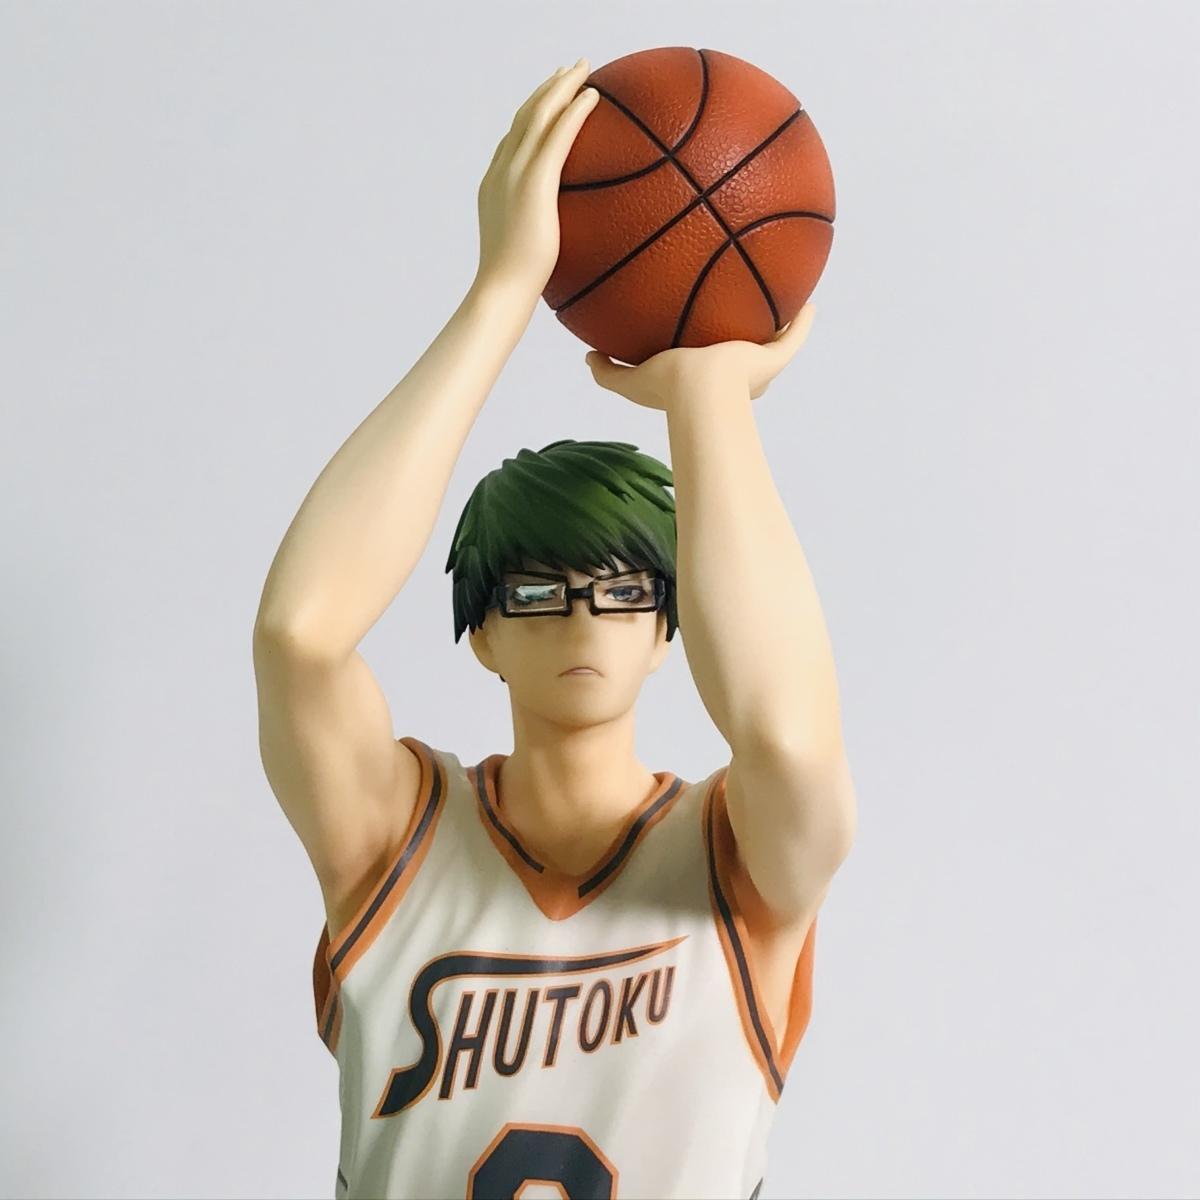 中古品 メガハウス 黒子のバスケ フィギュアシリーズ 黒子テツヤ 緑間真太郎 セット_画像2